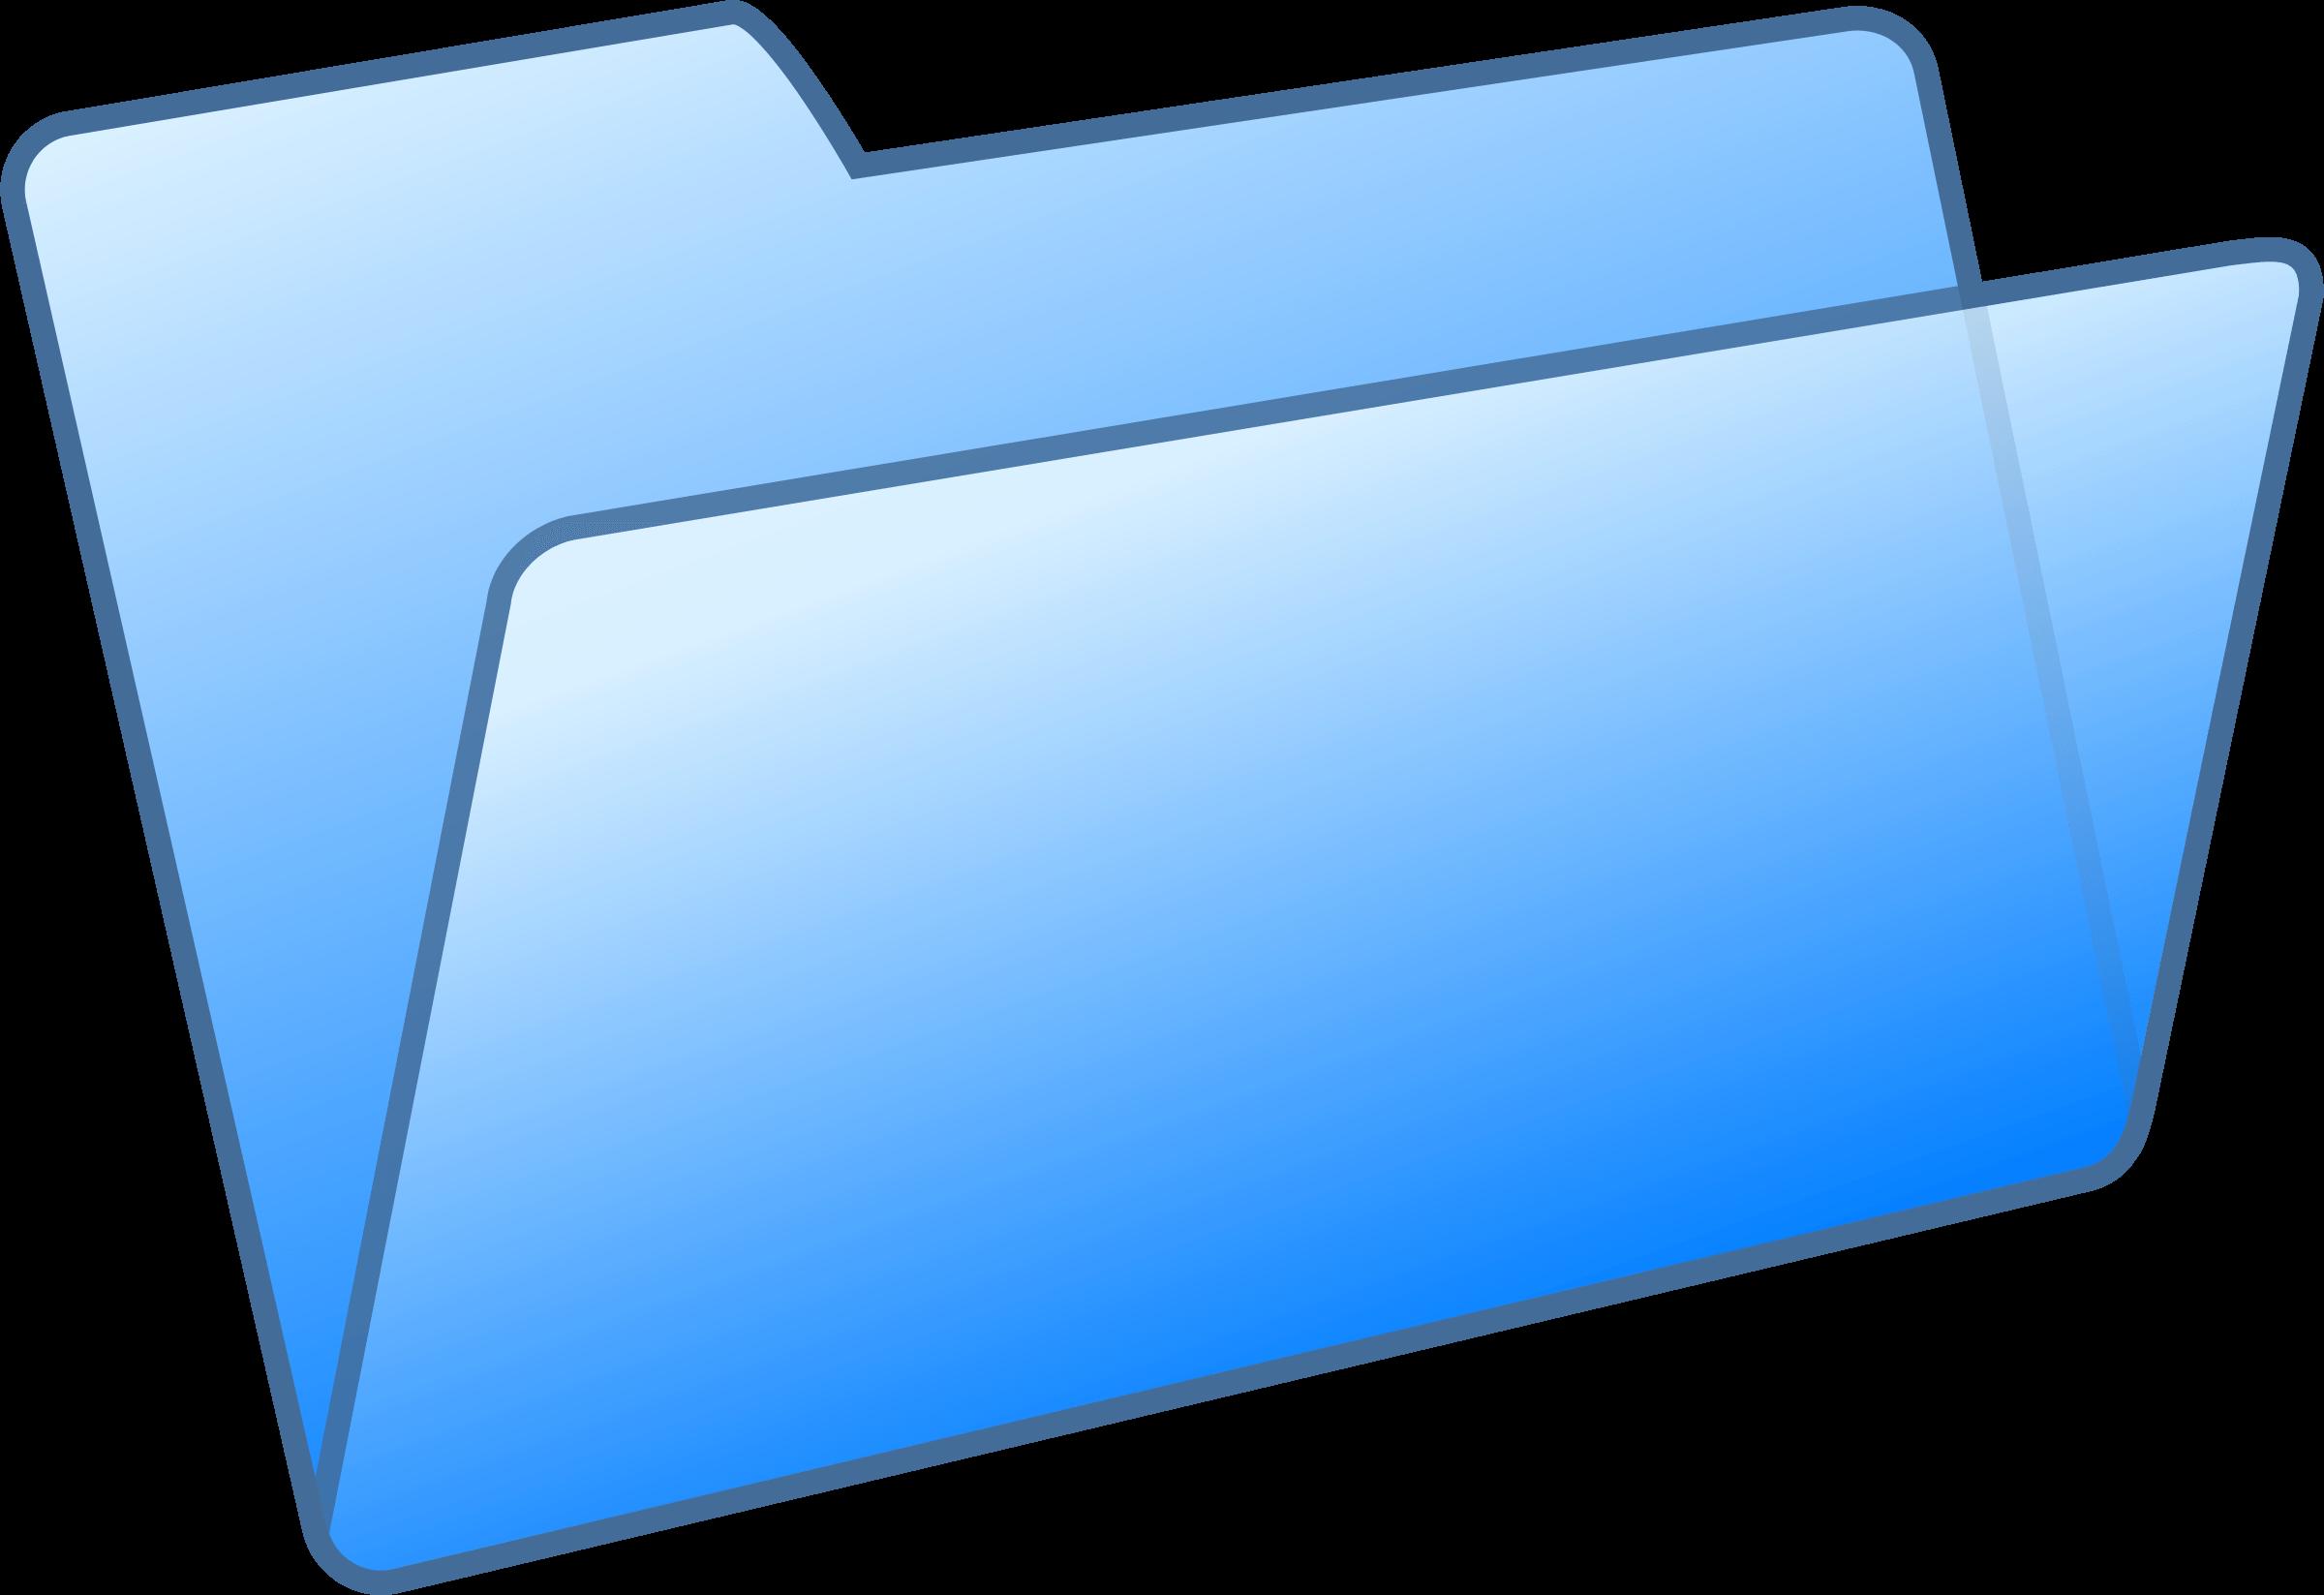 Blue Files In Windows Folder 119